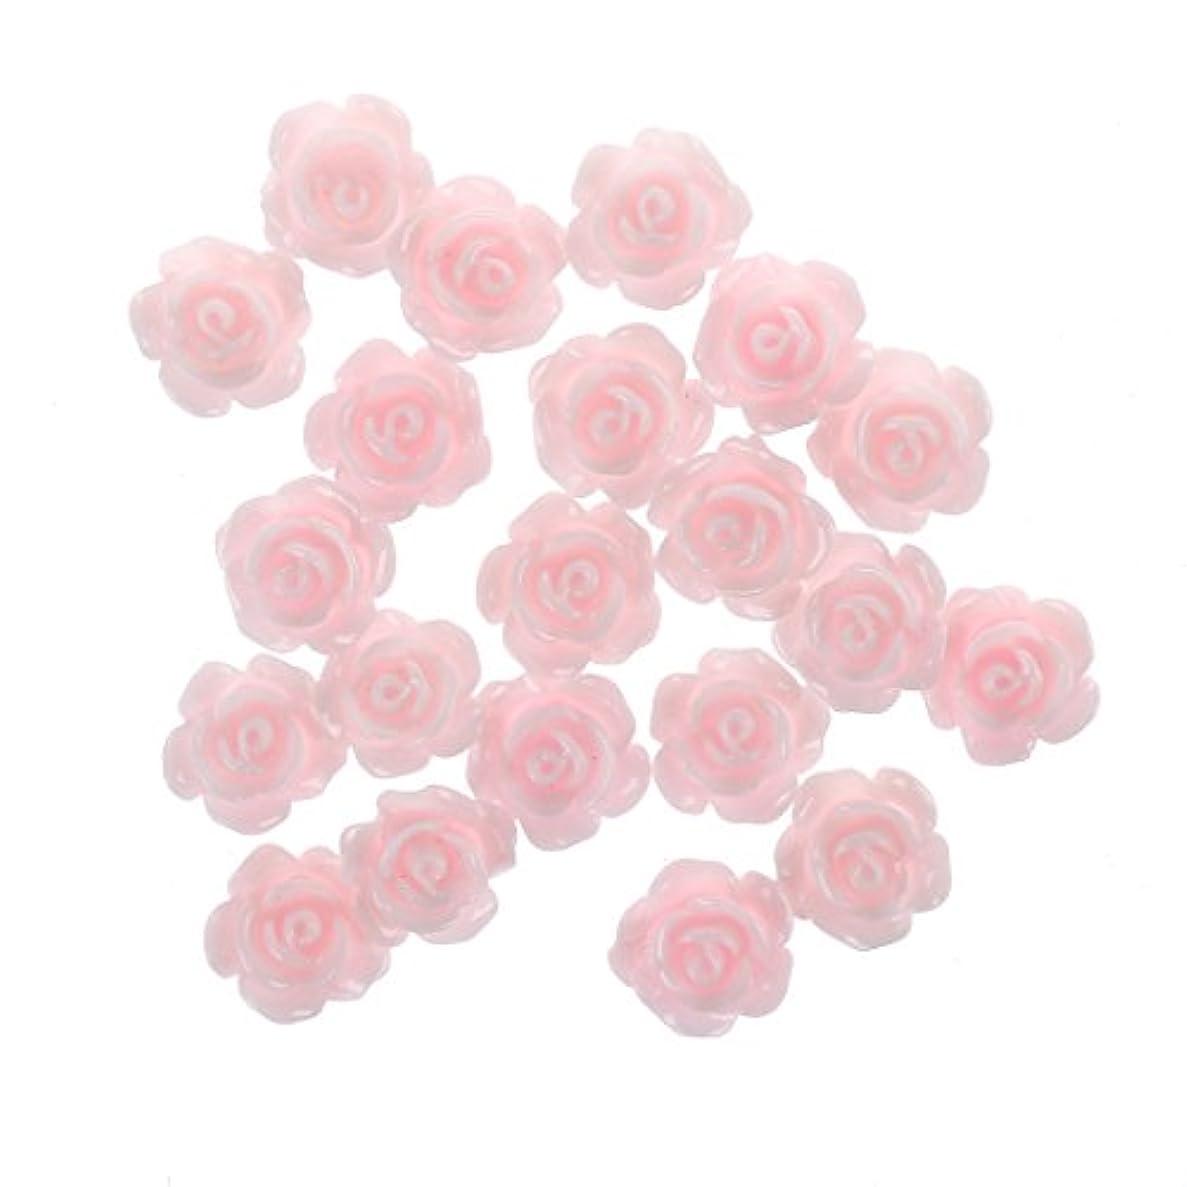 比率野生クリケットTYJP 20x3Dピンクの小さいバラ ラインストーン付きネイルアート装飾